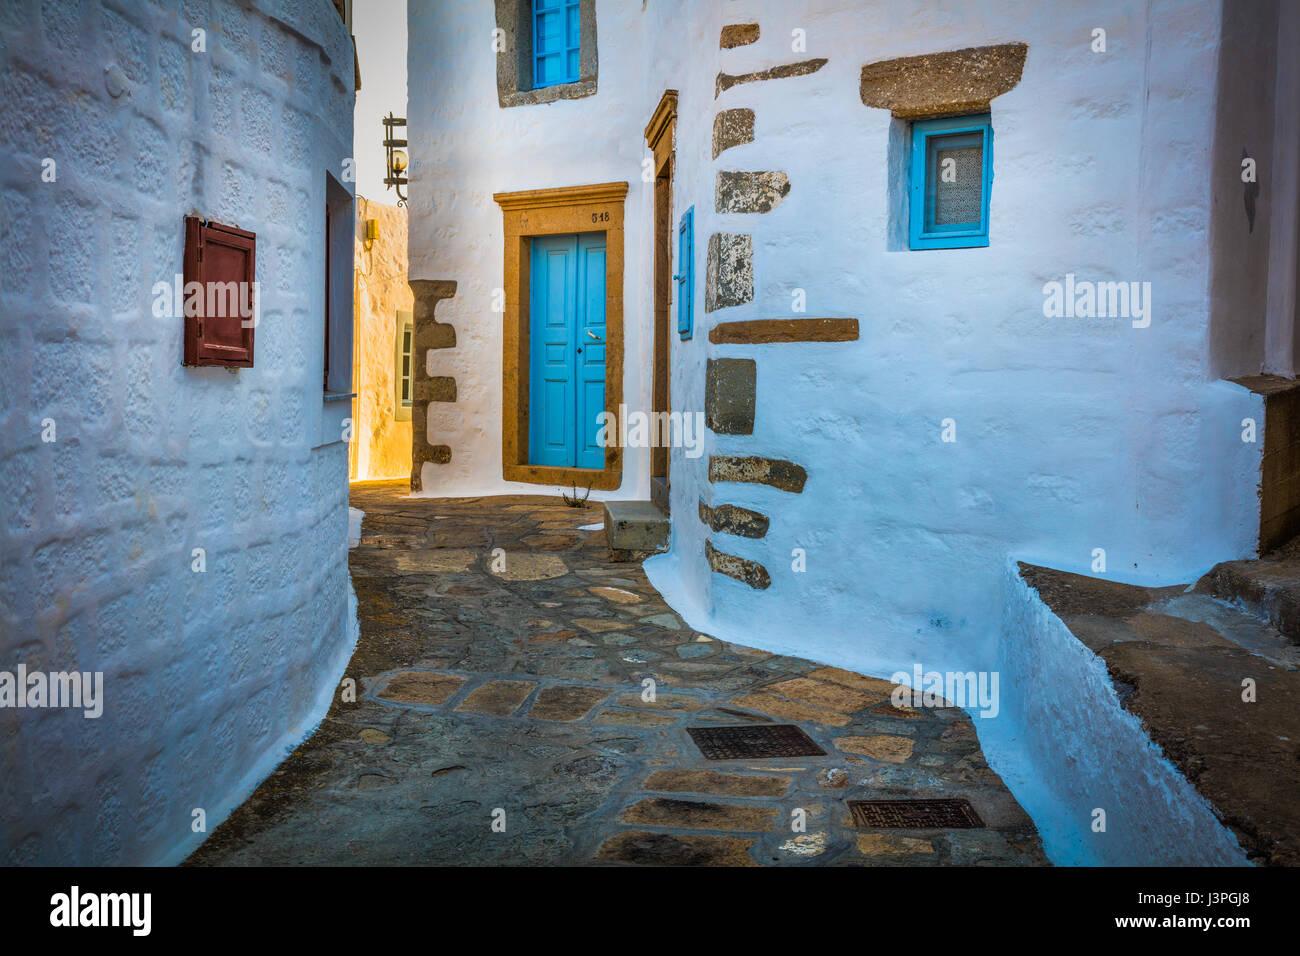 Calle de Chora en la isla griega de Patmos. Patmos es una pequeña isla griega en el Mar Egeo. Imagen De Stock